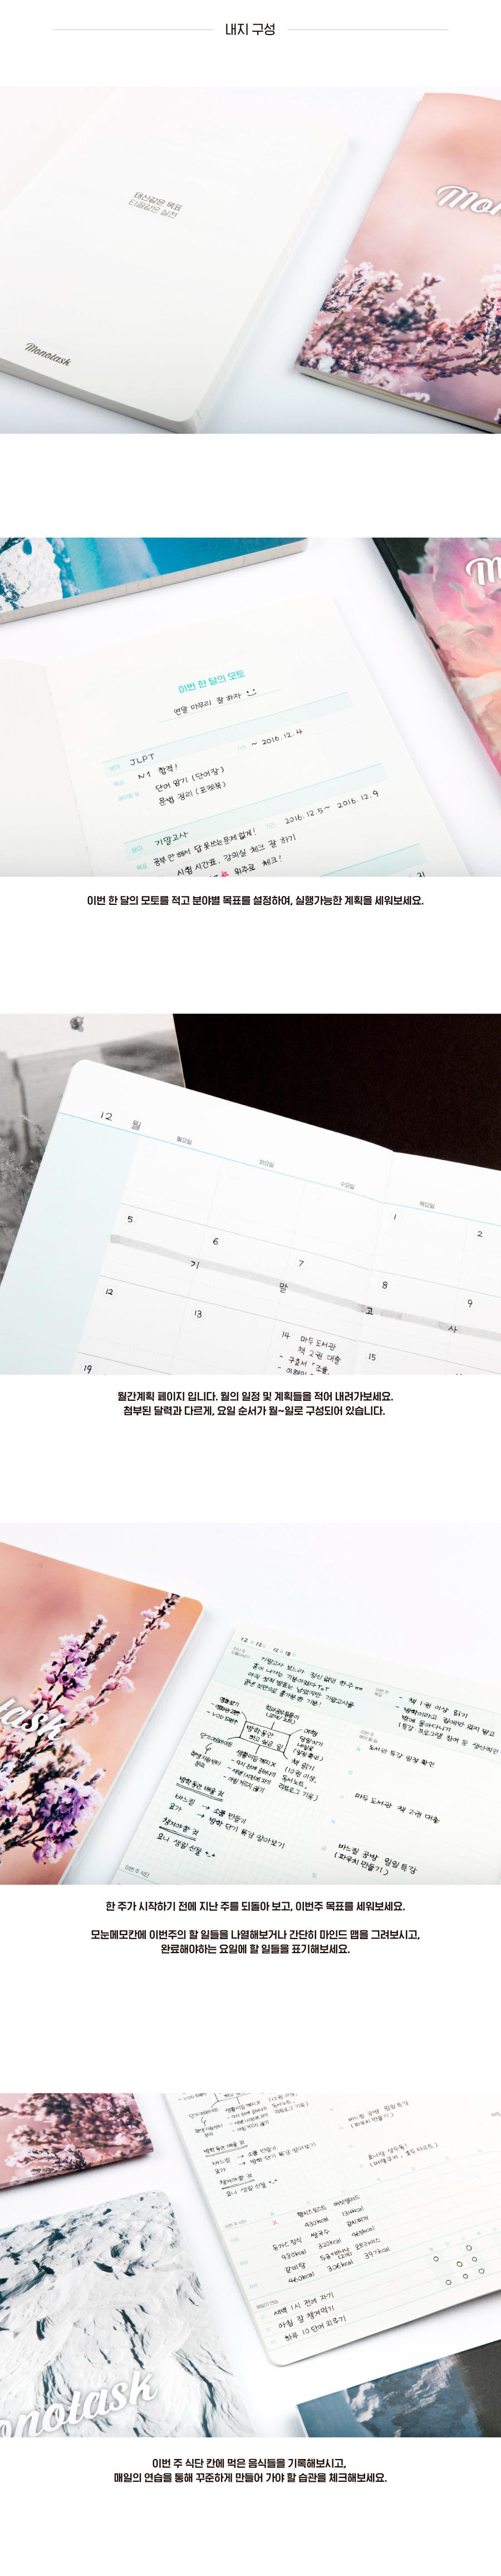 한달플래너 2017 겨울 (내지ver.6)4,000원-모노태스크디자인문구, 플래너/스케줄러, 플래너, 먼슬리플래너바보사랑한달플래너 2017 겨울 (내지ver.6)4,000원-모노태스크디자인문구, 플래너/스케줄러, 플래너, 먼슬리플래너바보사랑